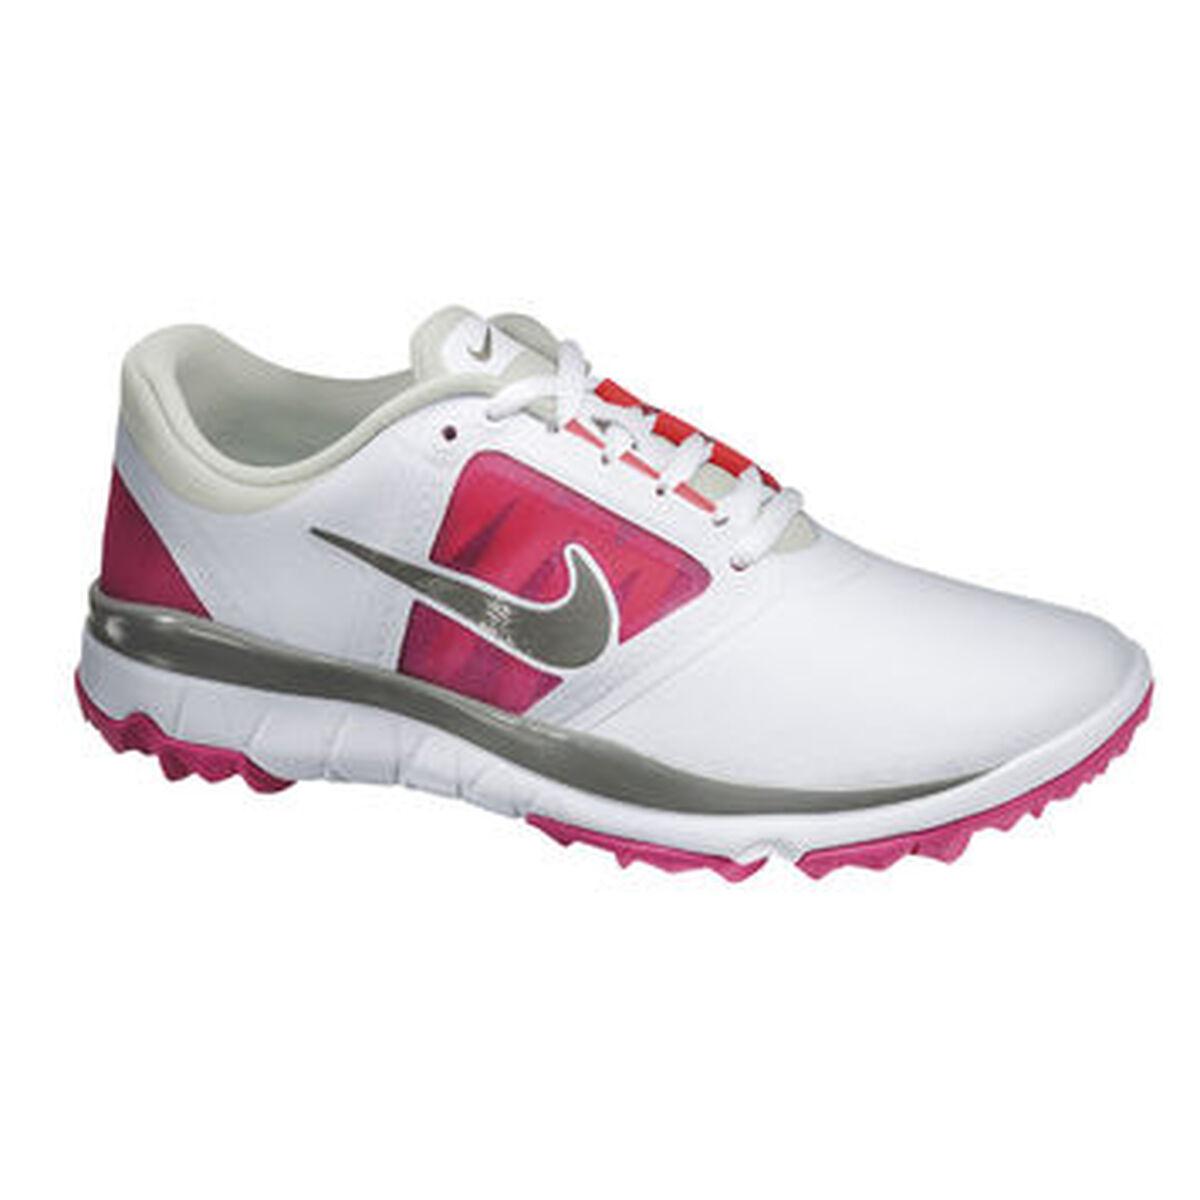 Nike FI Impact Women s Golf Shoe  Shop Nike Women s Golf Shoes 2cc46d31112